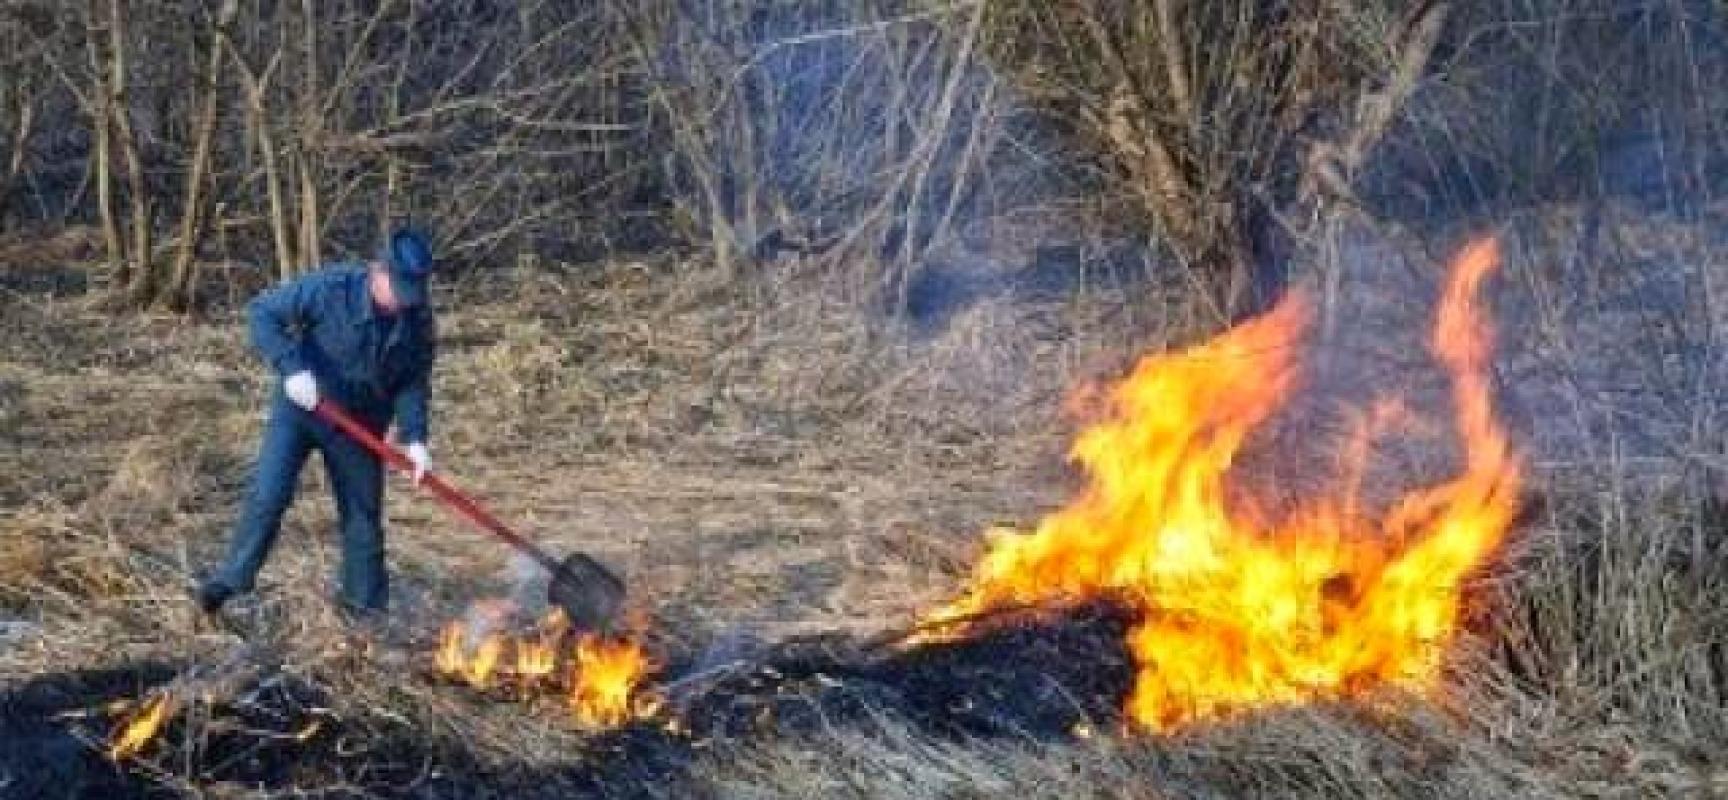 Rischio incendio boschivo, la Regione anticipa il divieto di abbruciamento